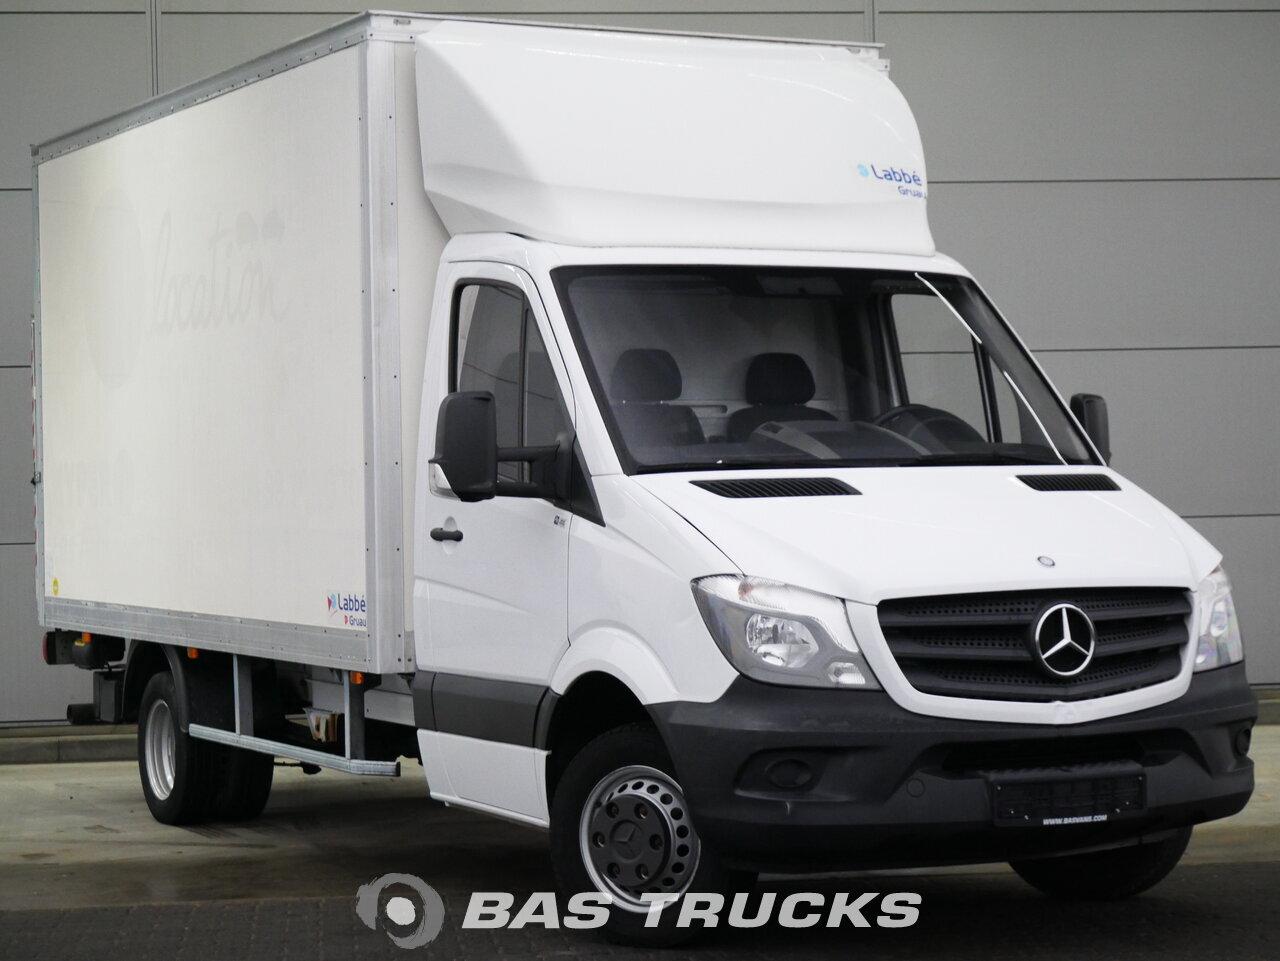 foto di Usato Veicolo commerciale leggero Mercedes Sprinter 2015